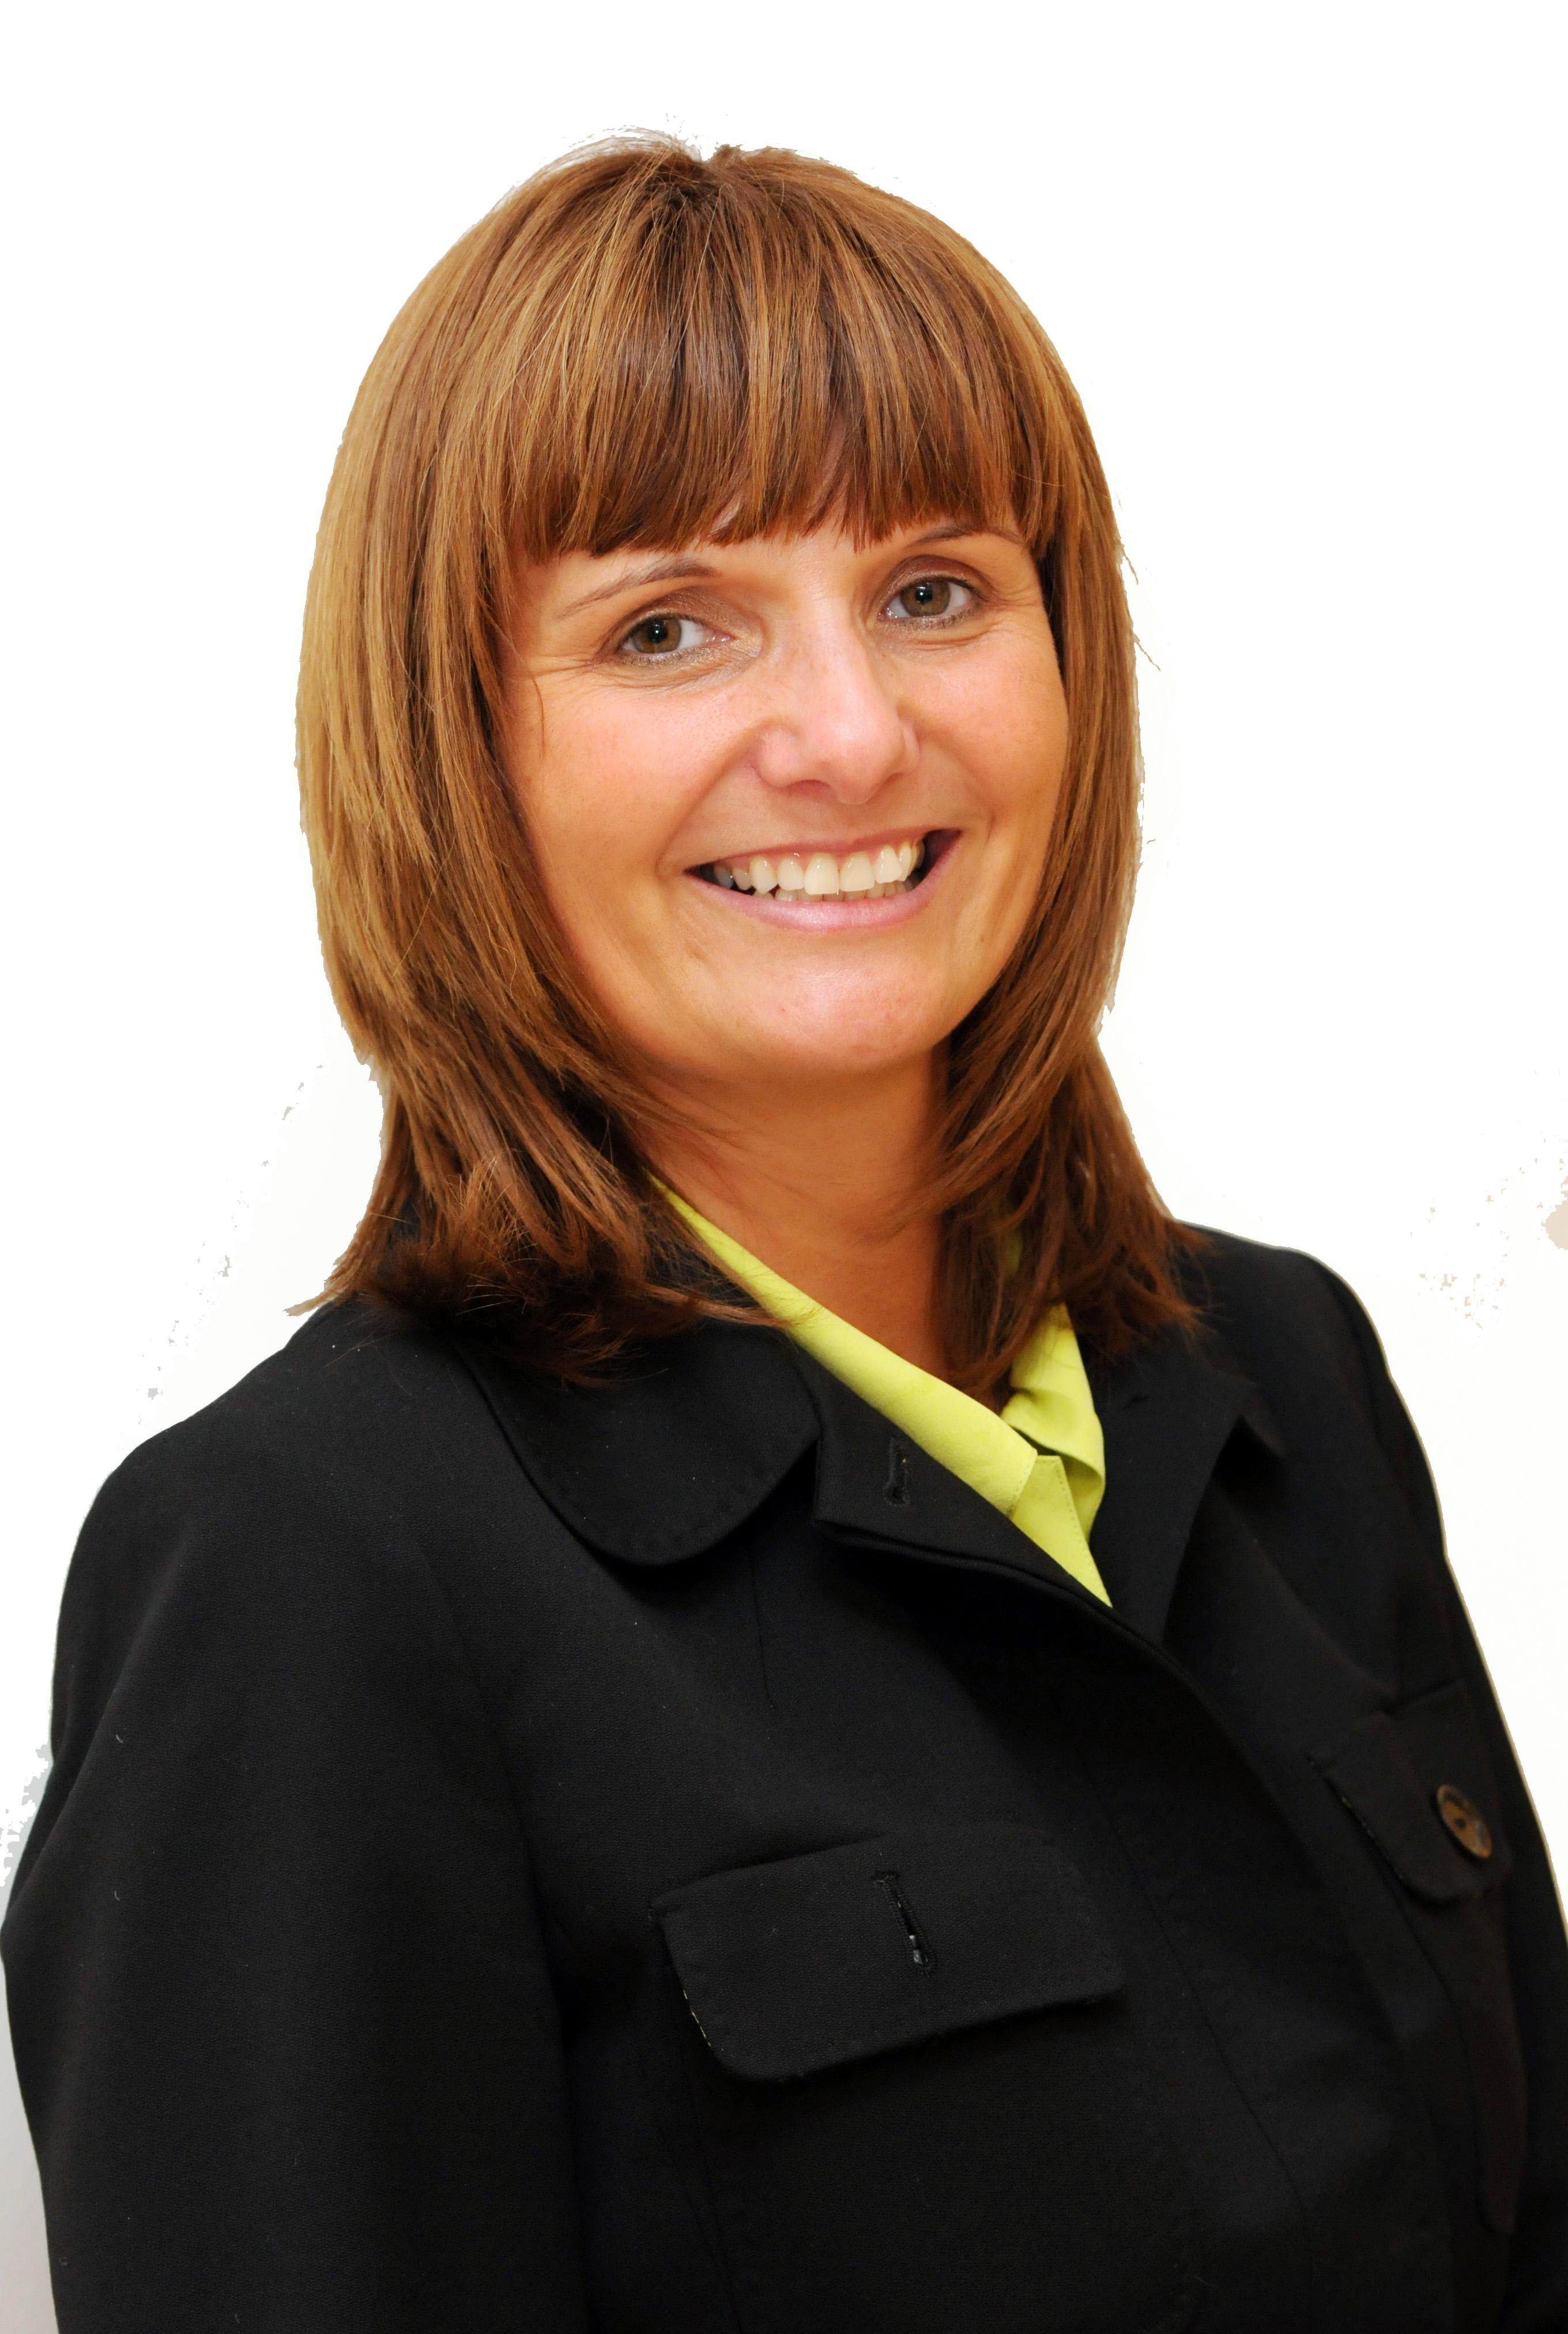 Leanne Schneider-Rose